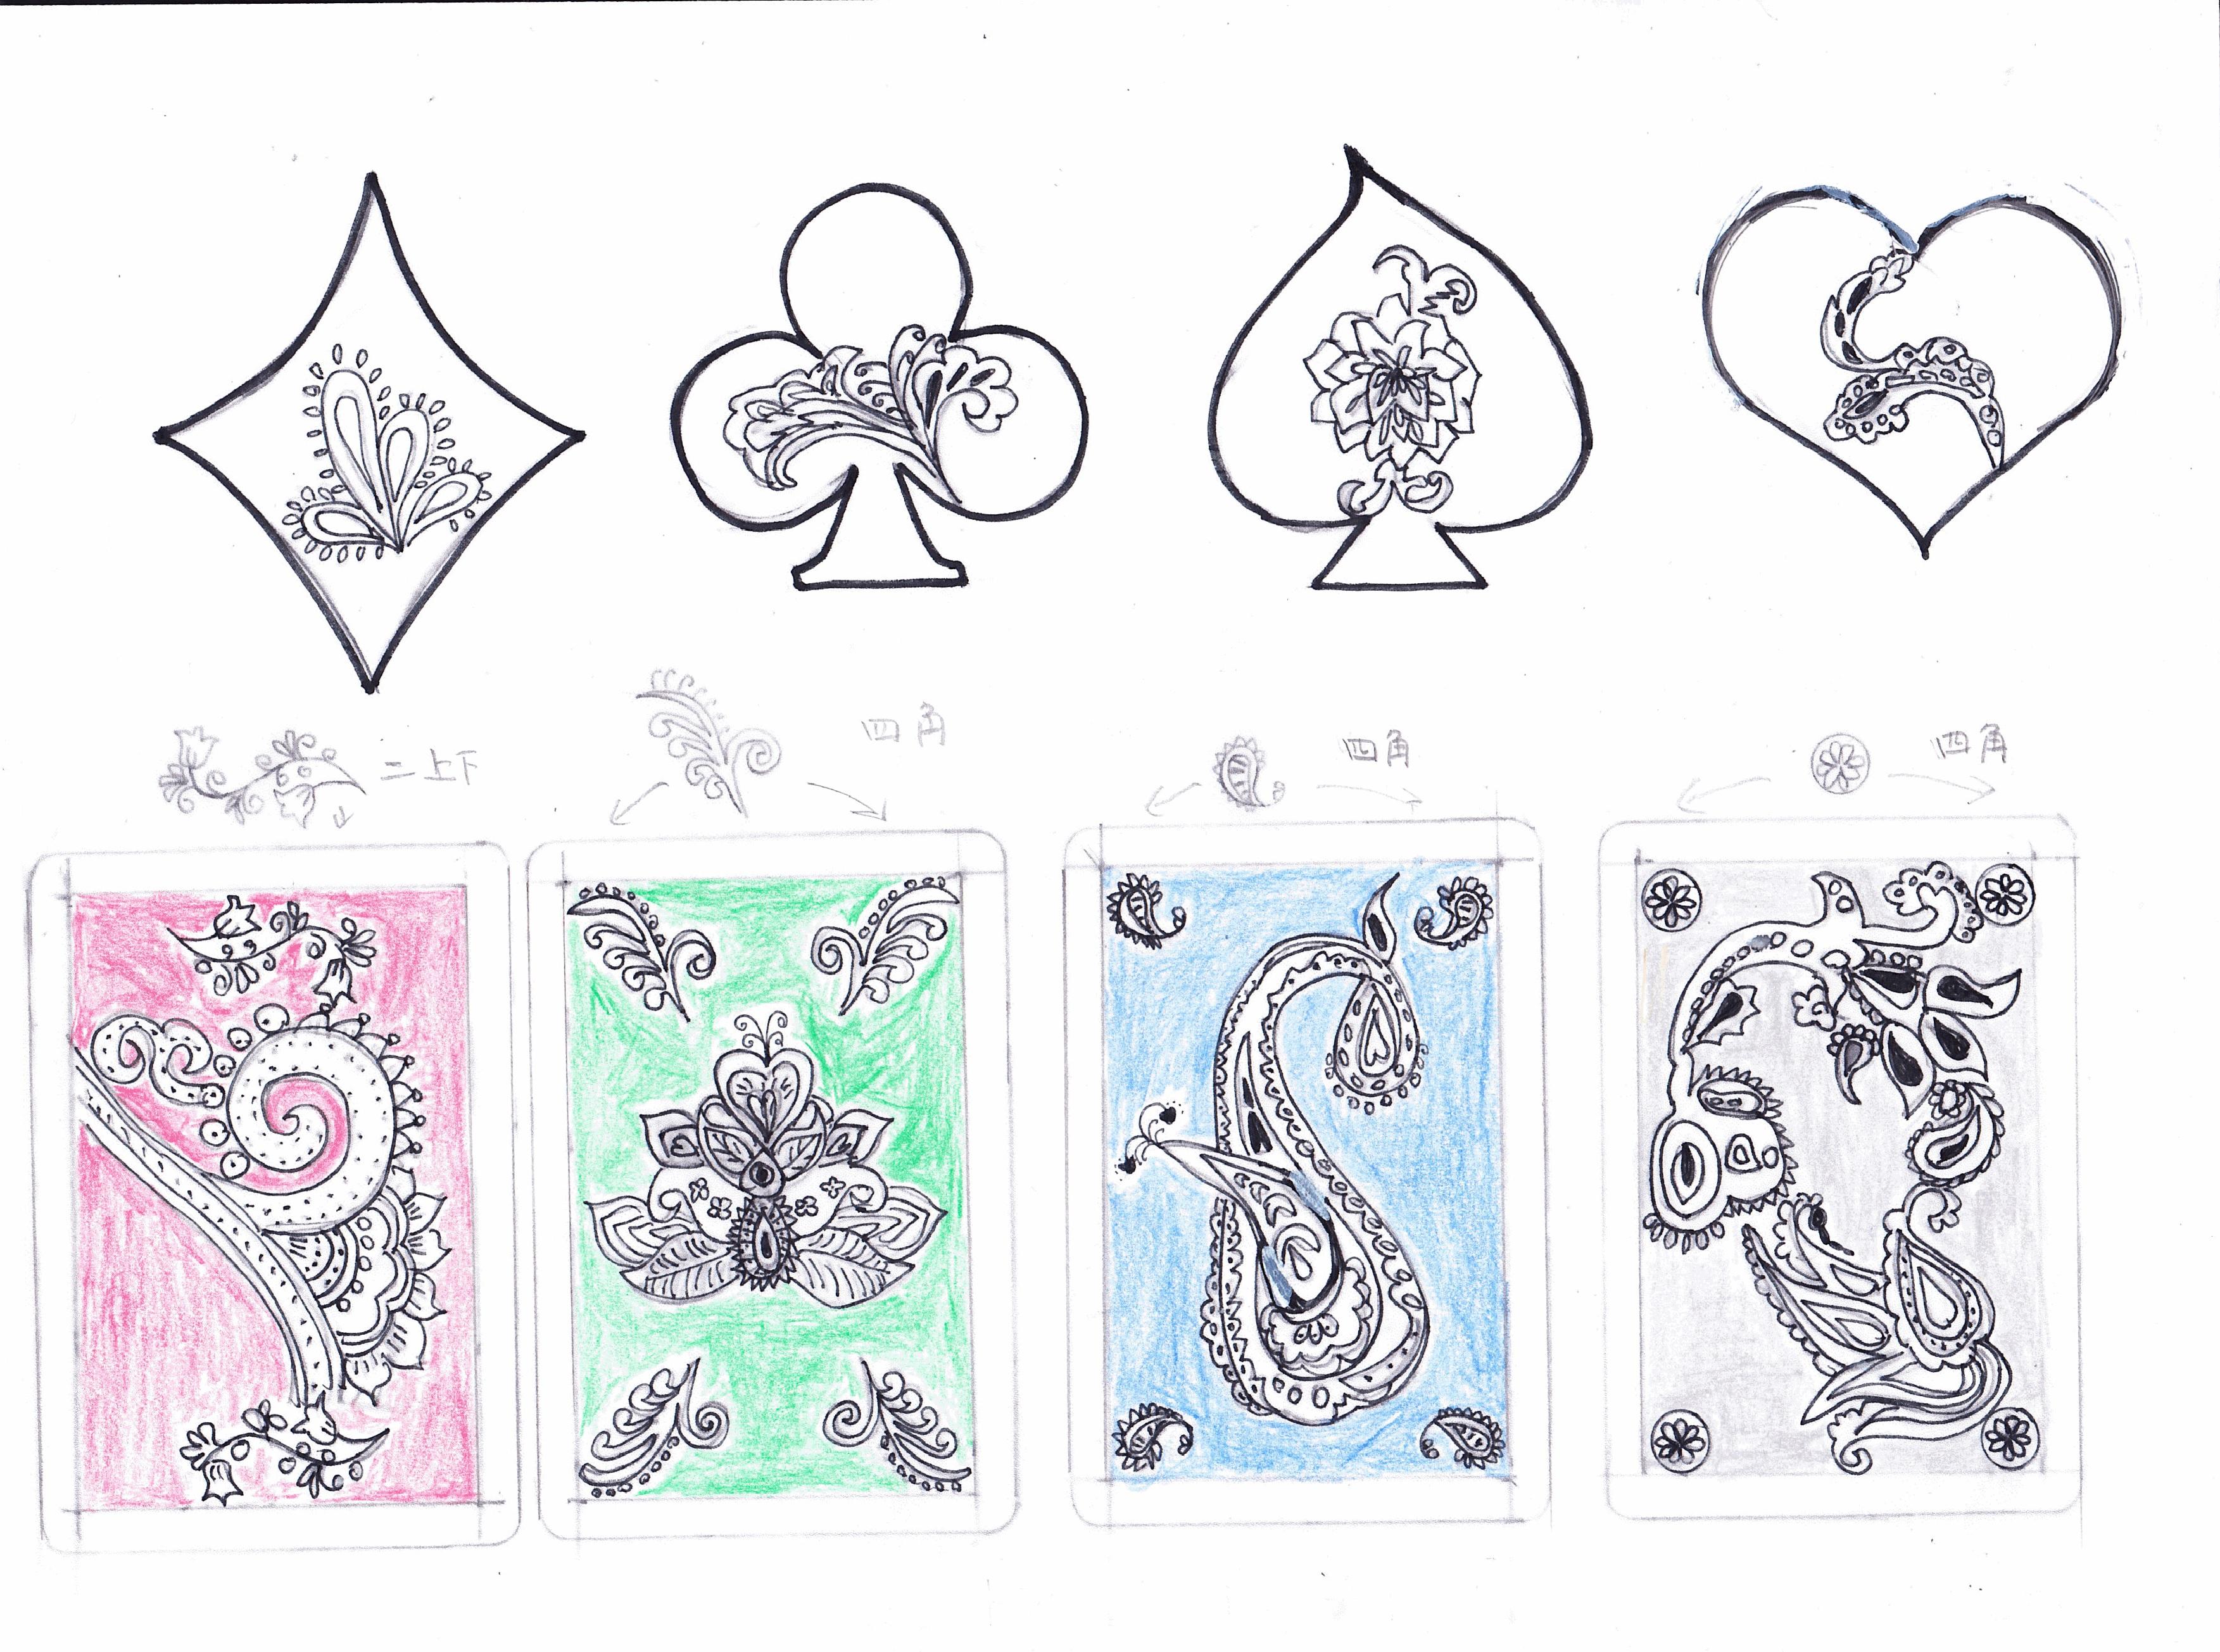 デコレーションズ刺繍CD企画♡ その30トランプ データ製作♪ entrance embroidery